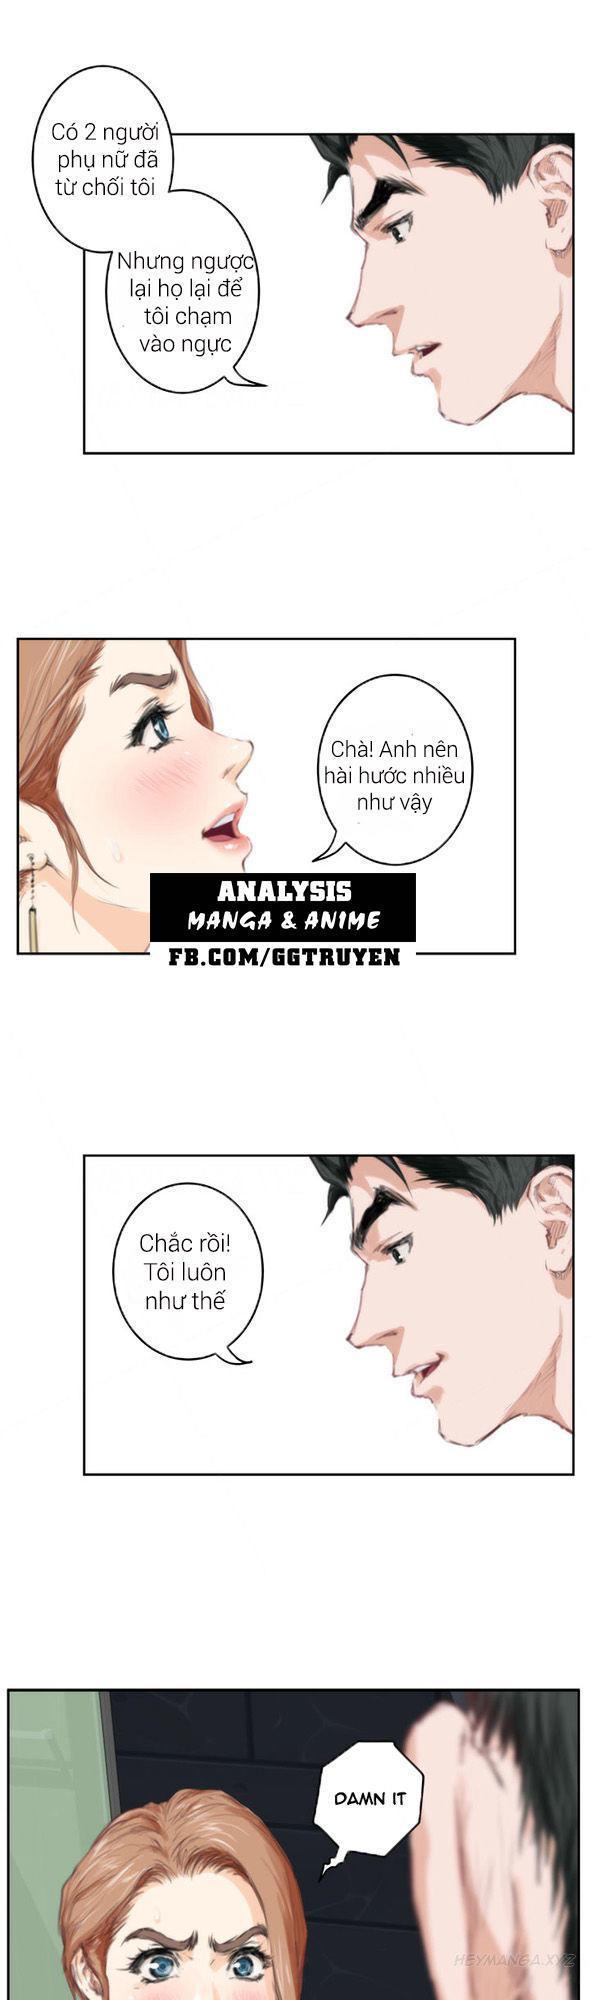 H-Mate Chapter 86 - Trang 14